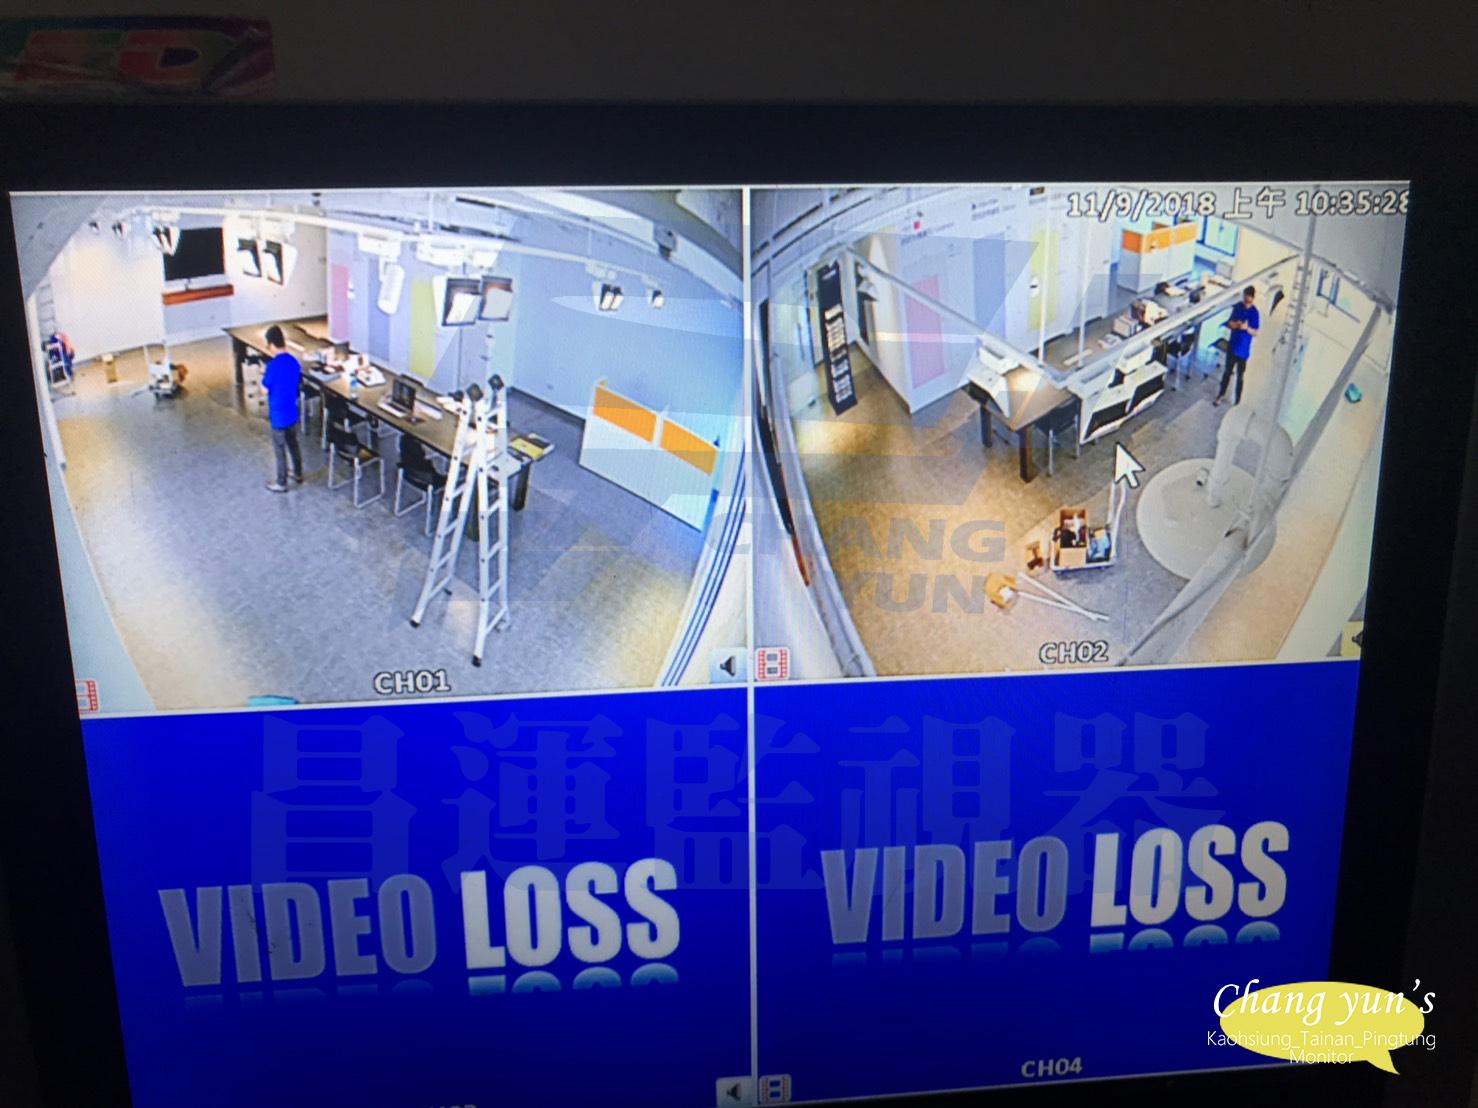 ►高雄監視器 200萬高畫數 1080P Full HD 超高解析度◄ 高雄市 前鎮區 興立富實業有限公司高雄分公司 監視器安裝